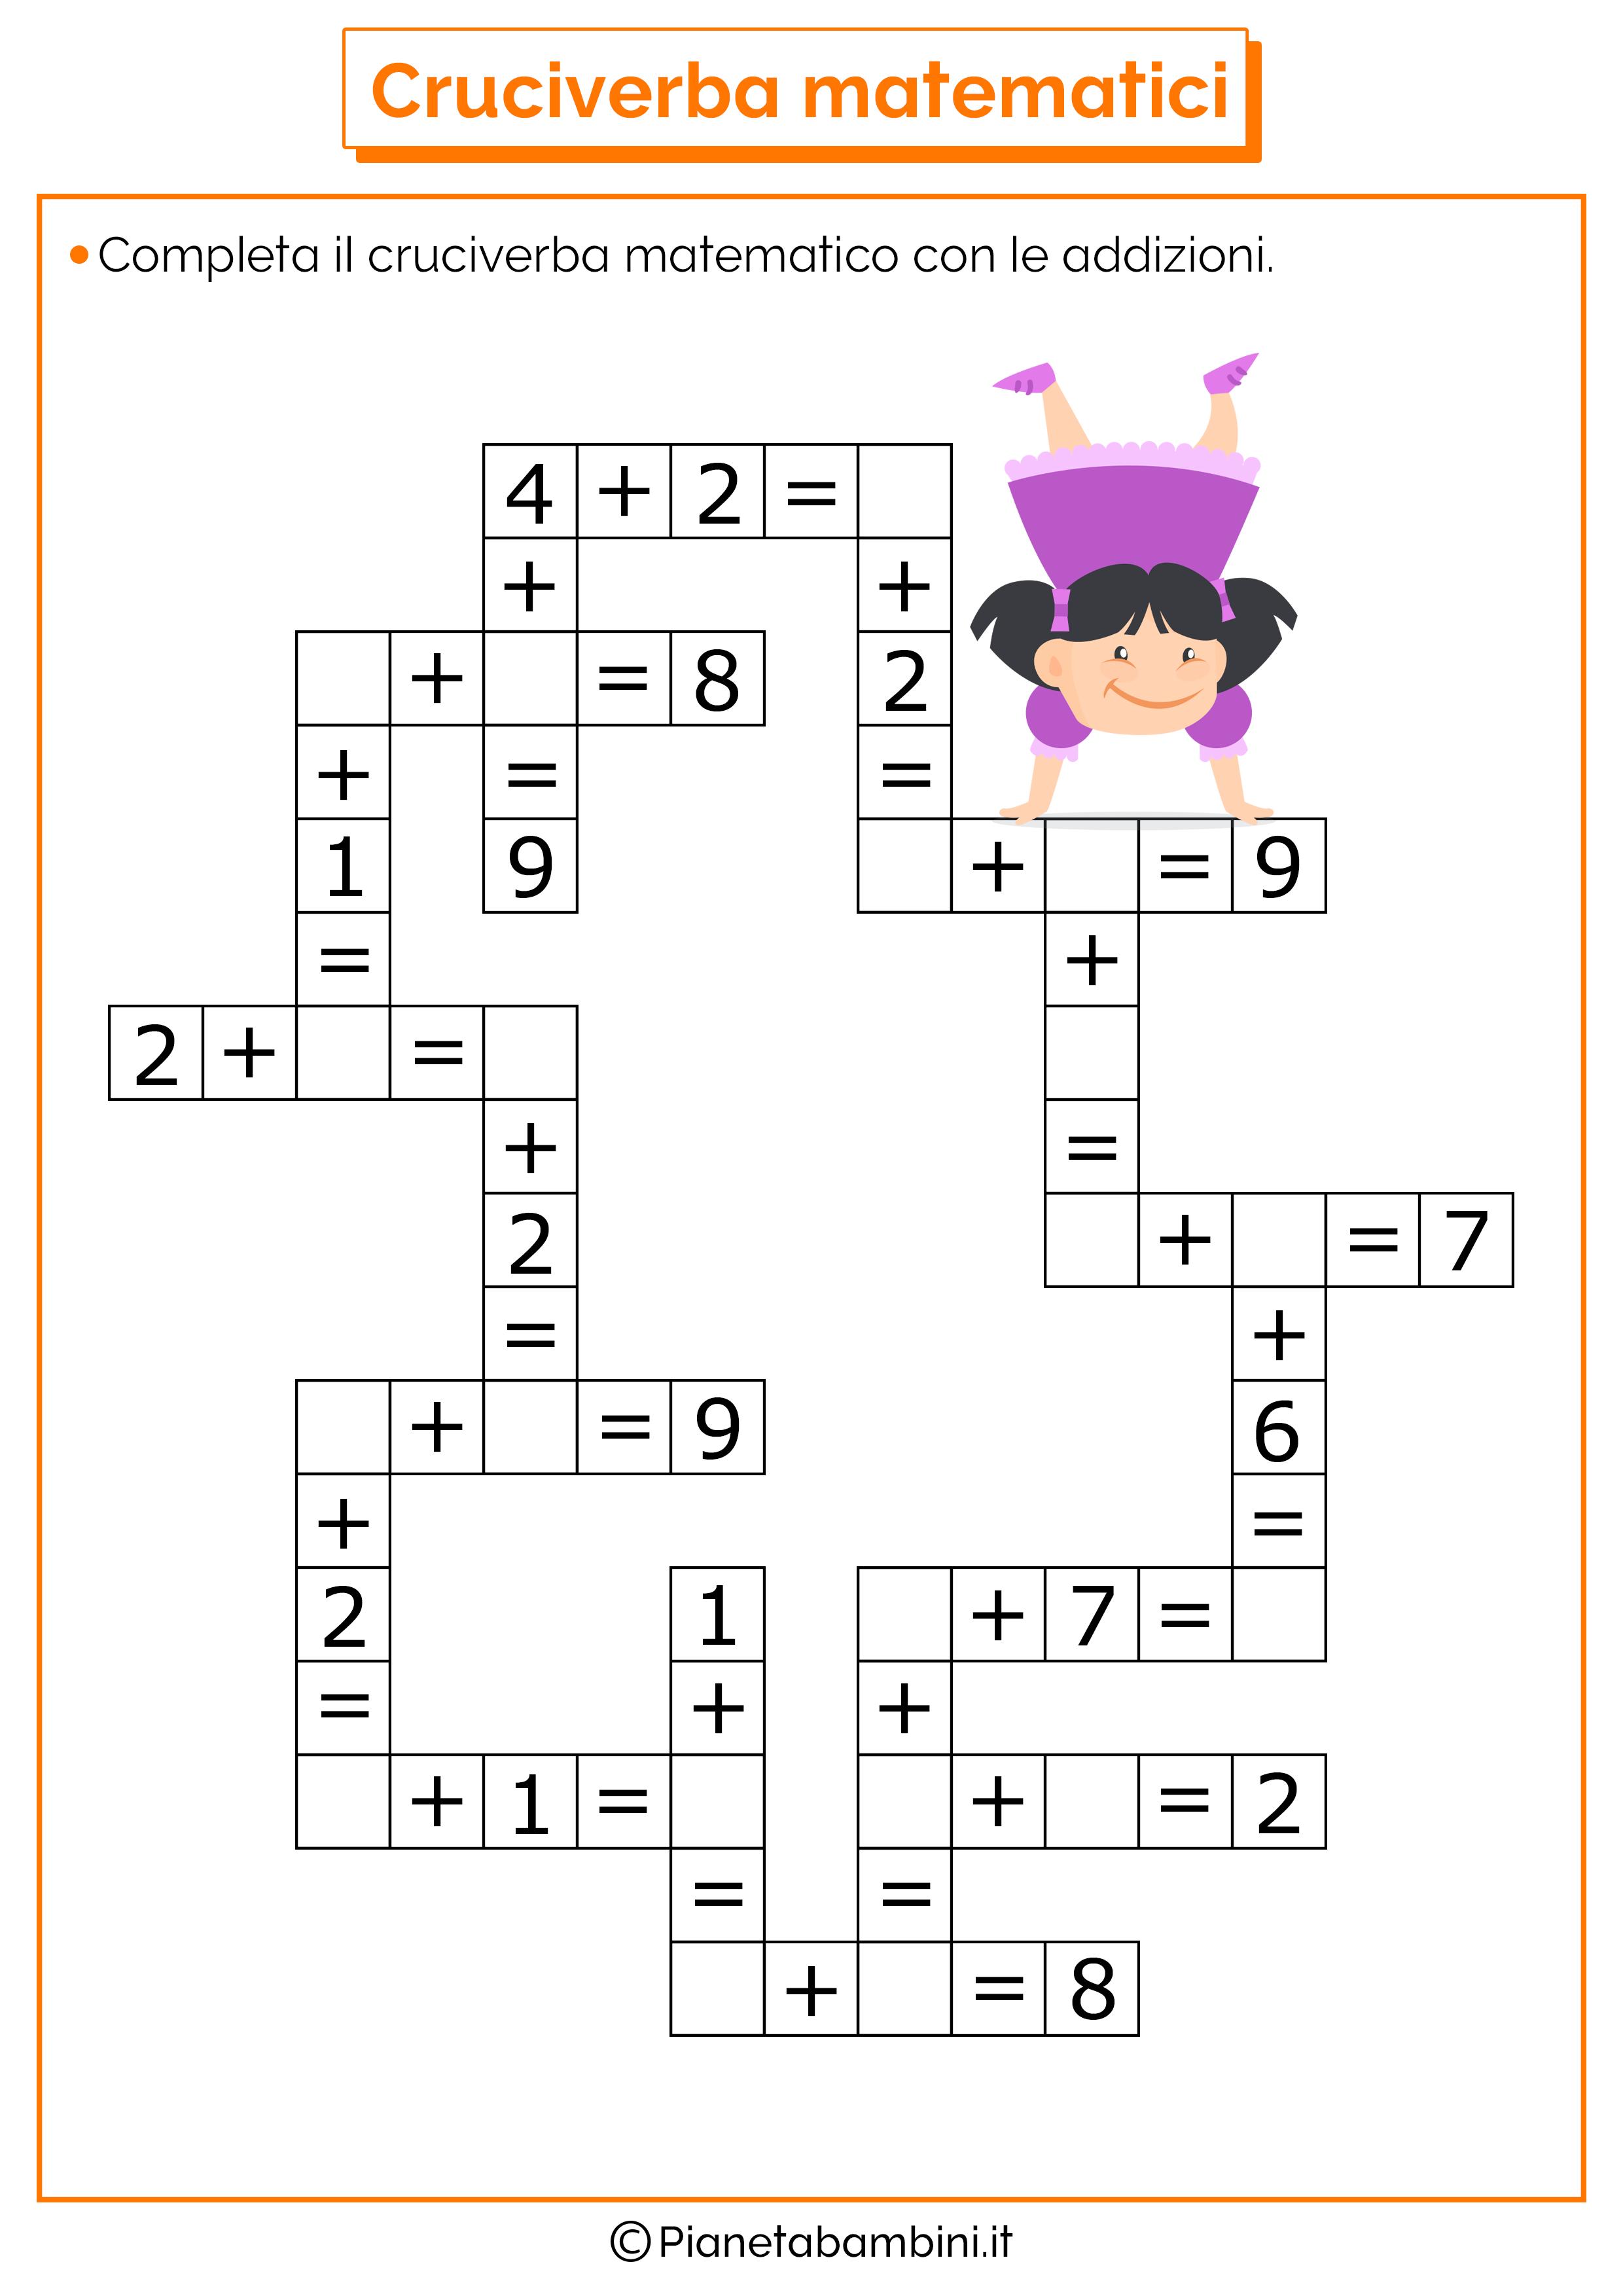 Cruciverba-Matematico-Addizioni-2